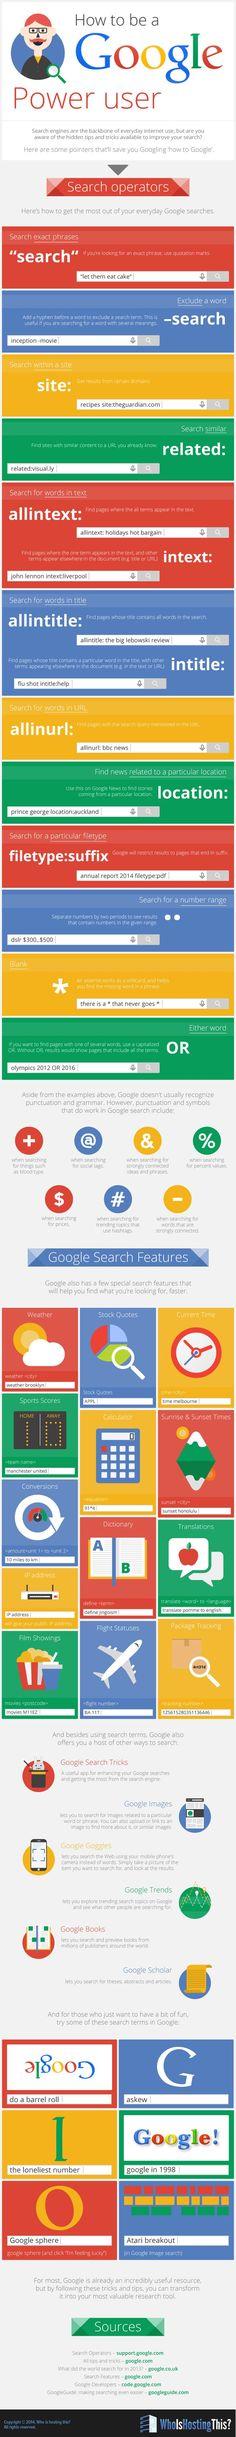 ¿De verdad sabes buscar en Google? Sigue estos 12 consejos para encontrar lo que buscas